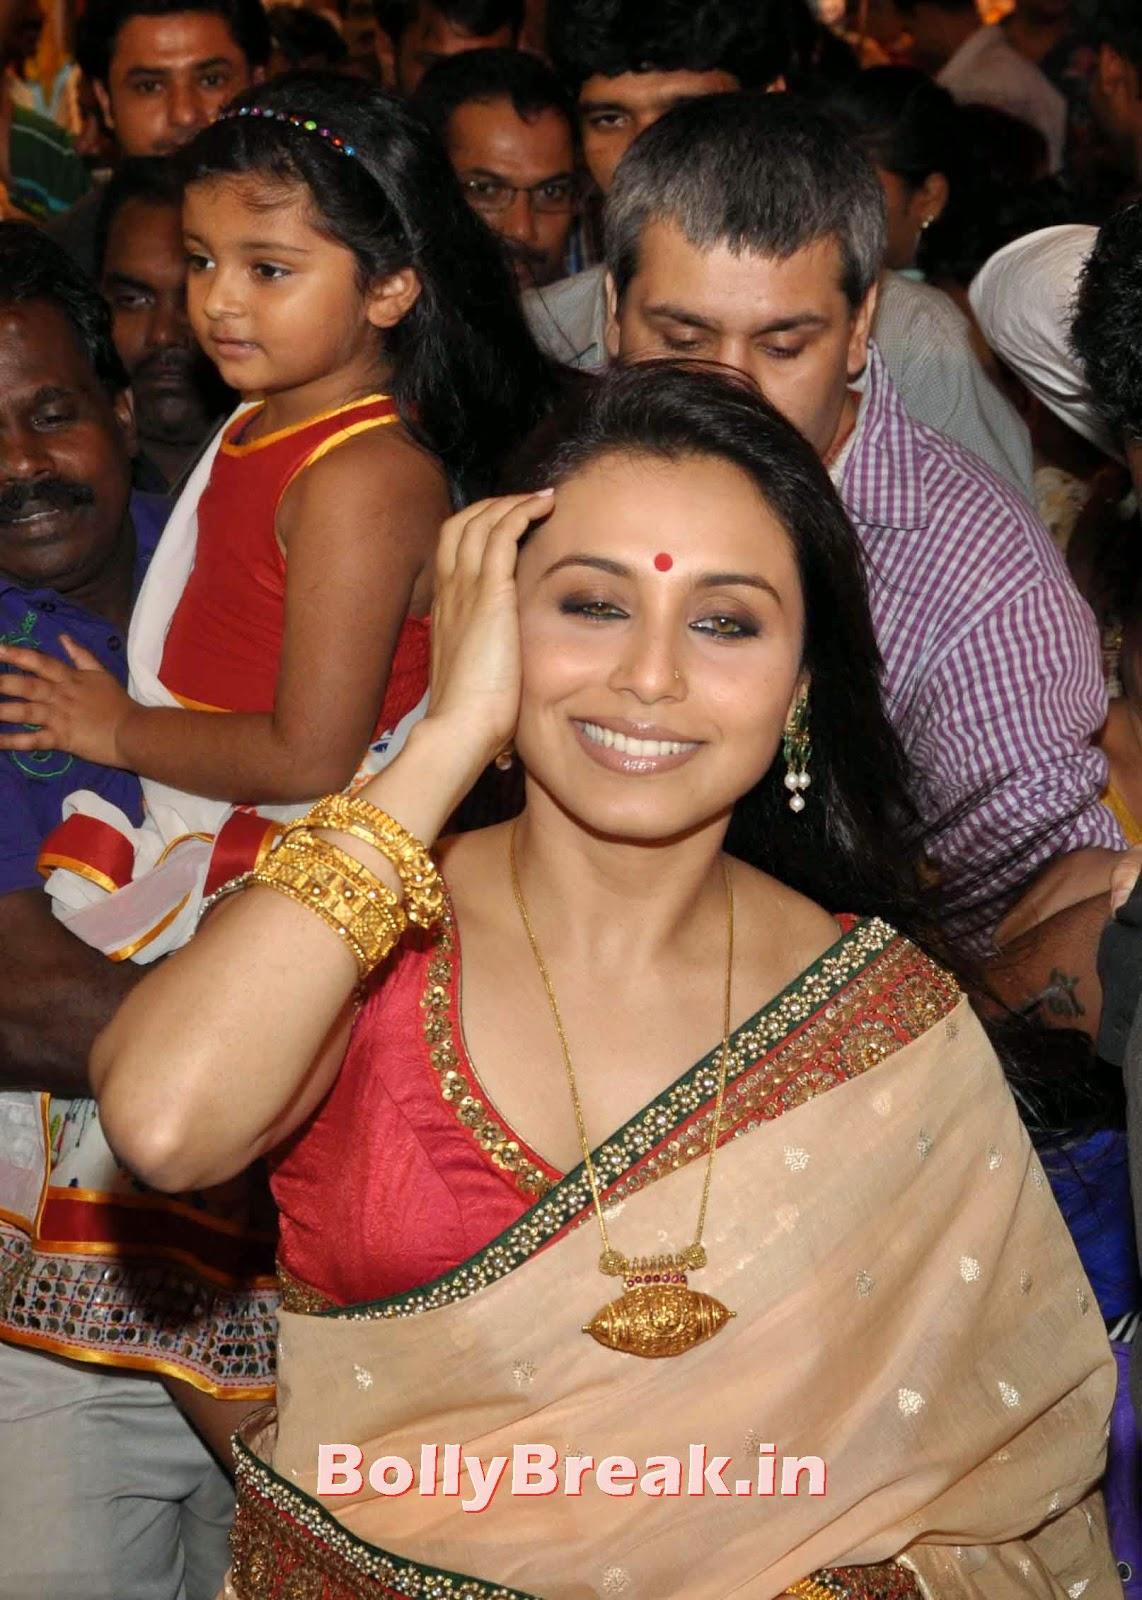 Rani Mukherjee Bengali Saree Hot Slike v visoki ločljivosti - 5 Slike-2376